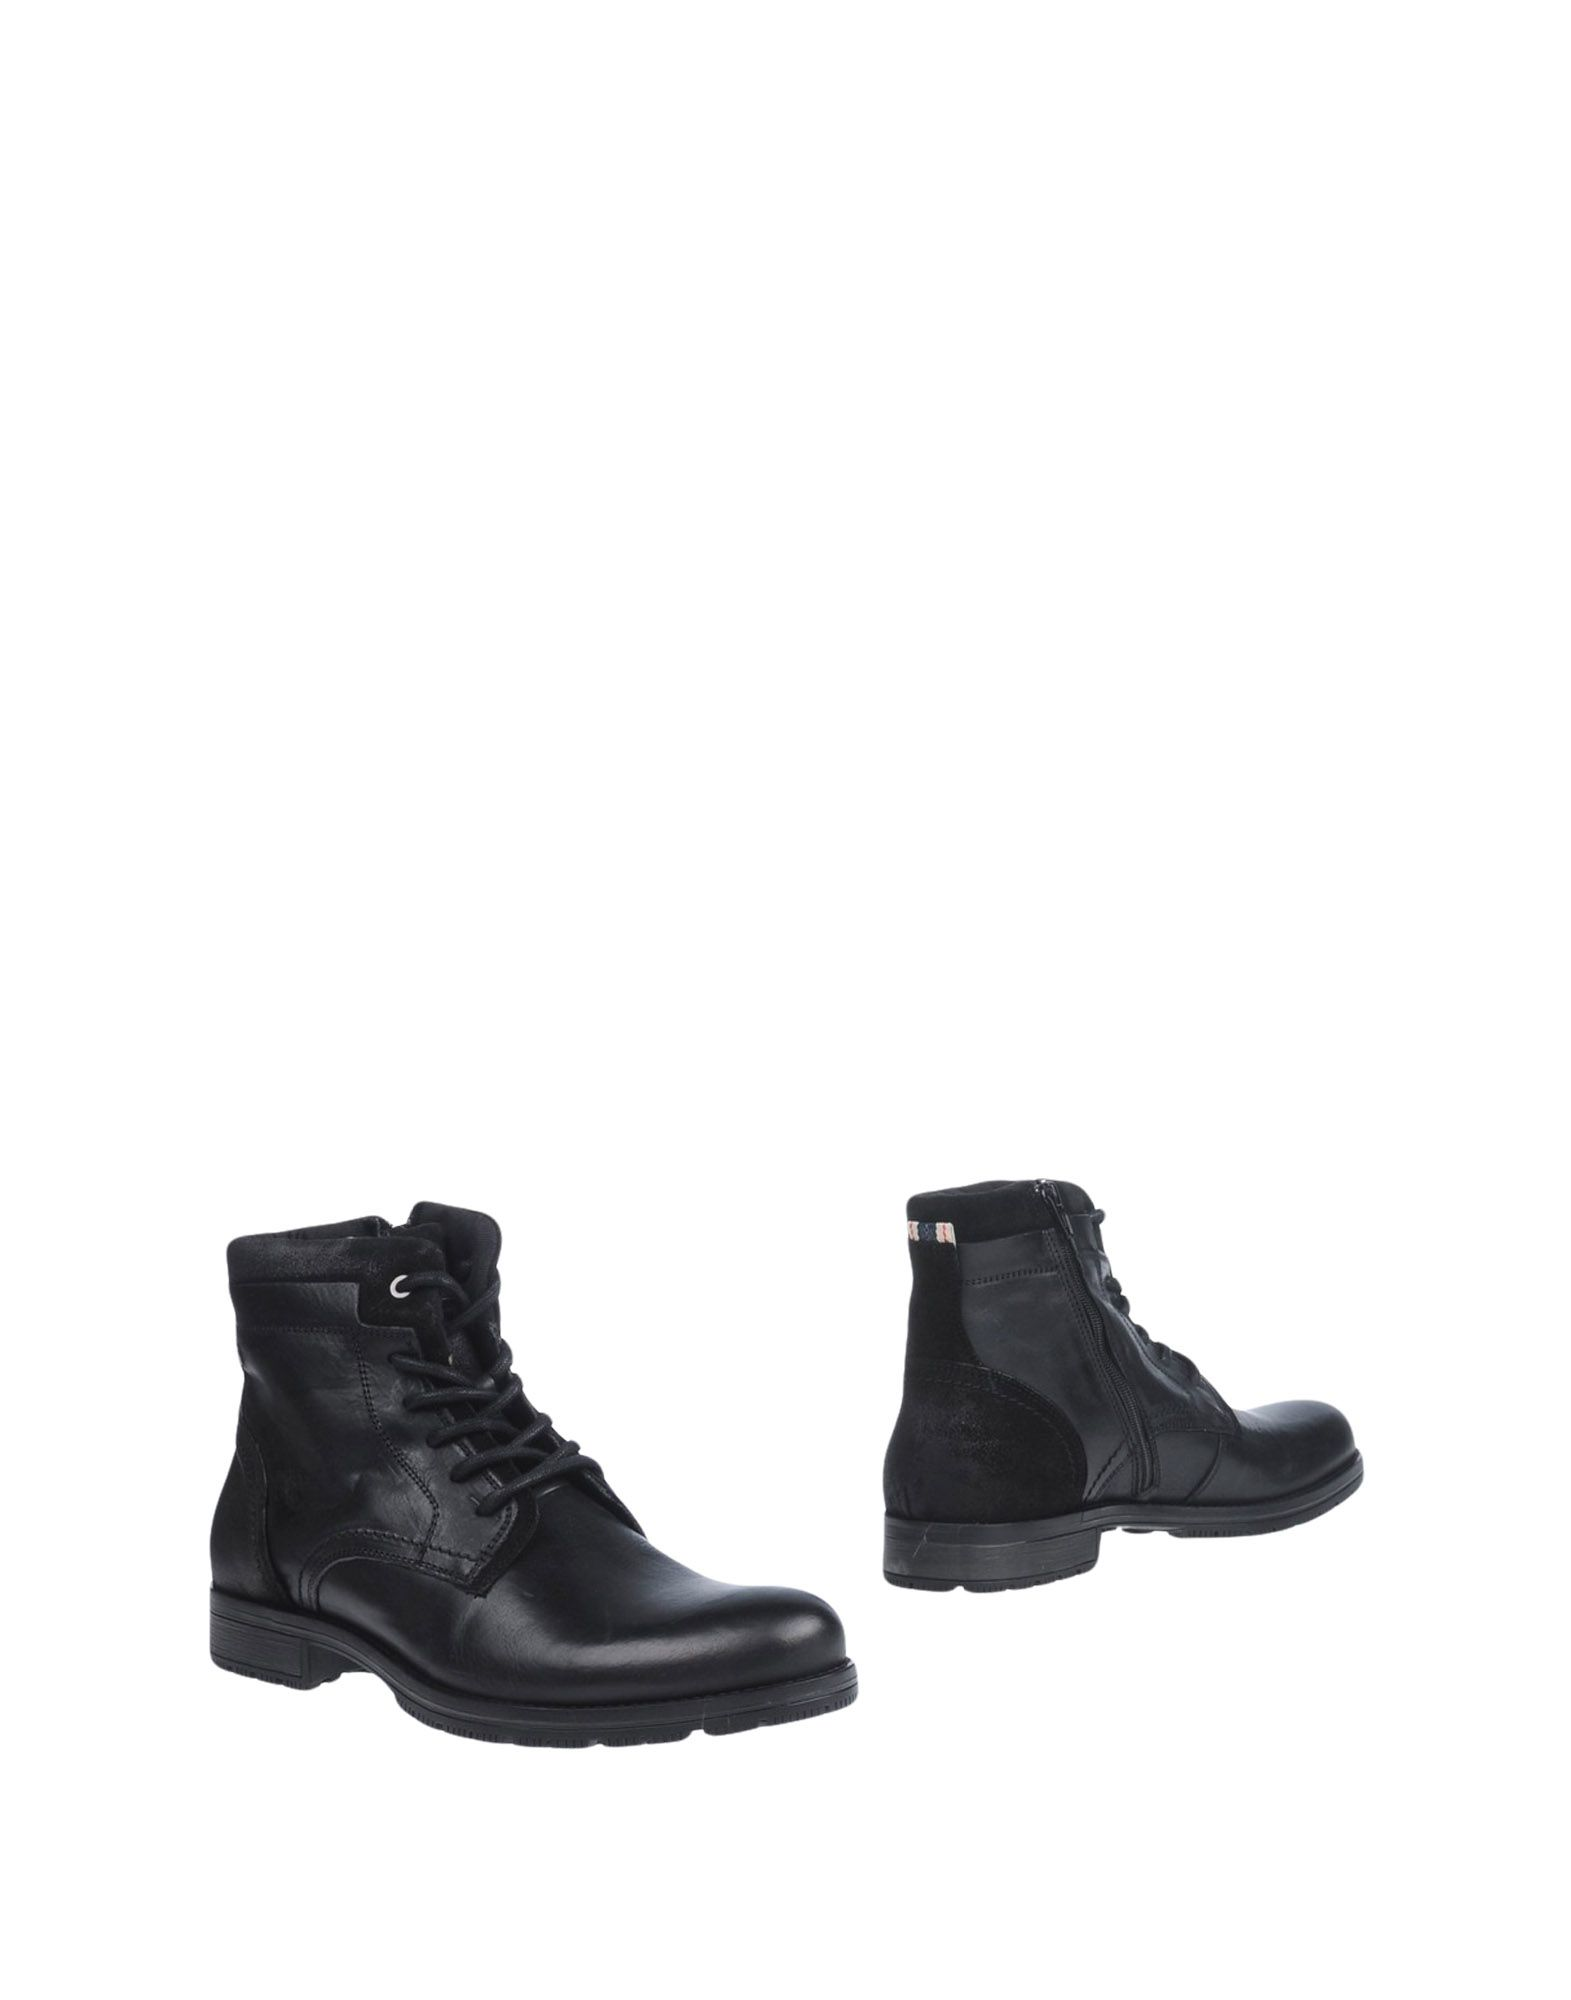 Rabatt echte Schuhe Jack & Jones Stiefelette Herren  11353660XM